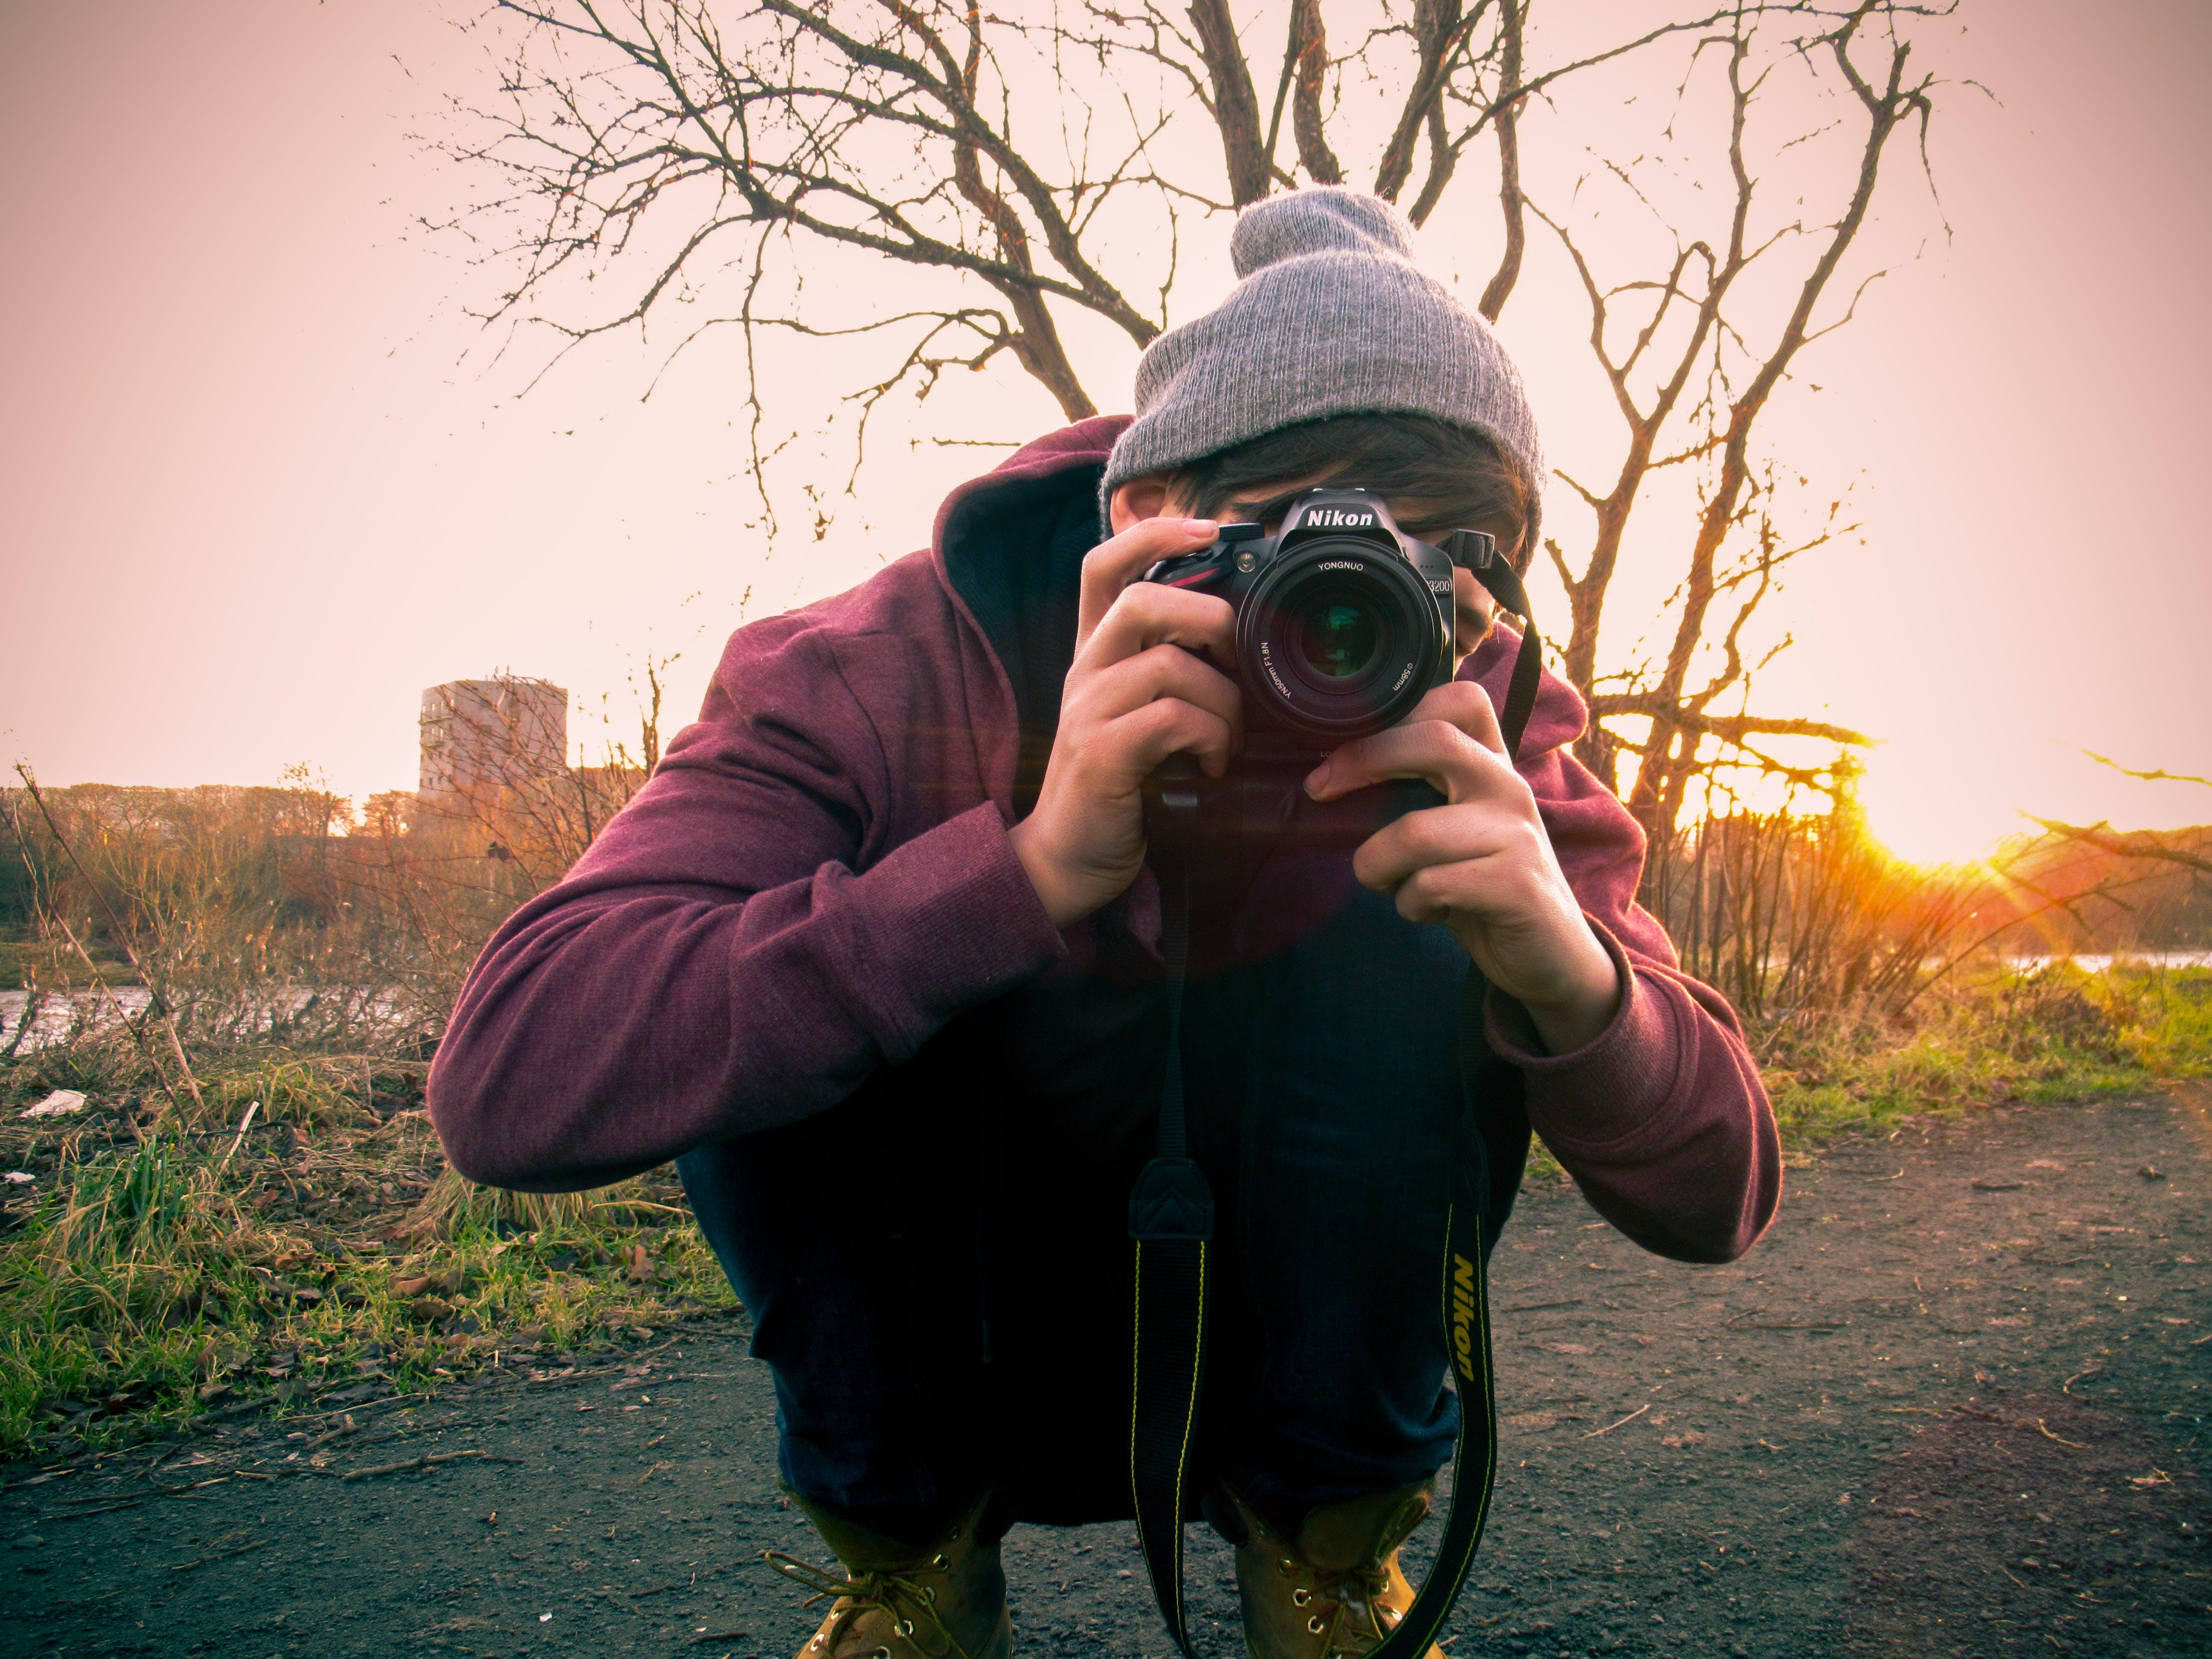 Man in Red Jacket Holding Black Dslr Camera